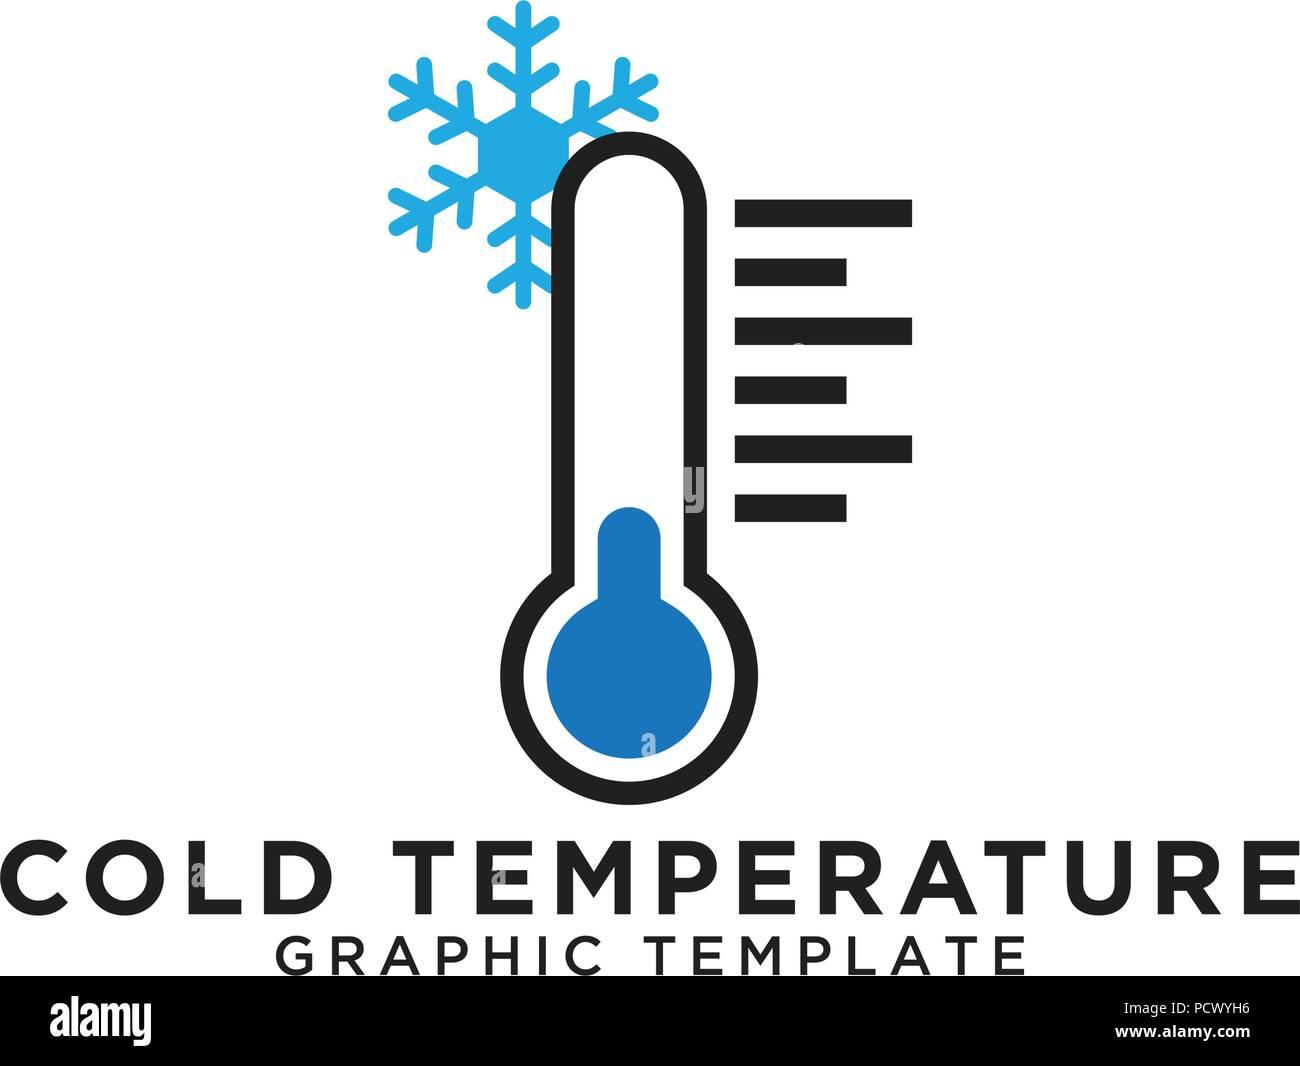 Illustrazione Di Termometro Logo Design Template Vector Immagine E Vettoriale Alamy Il termometro portatile cth7000 è un passo avanti per la precisione di misura per. https www alamy it illustrazione di termometro logo design template vector image214470738 html